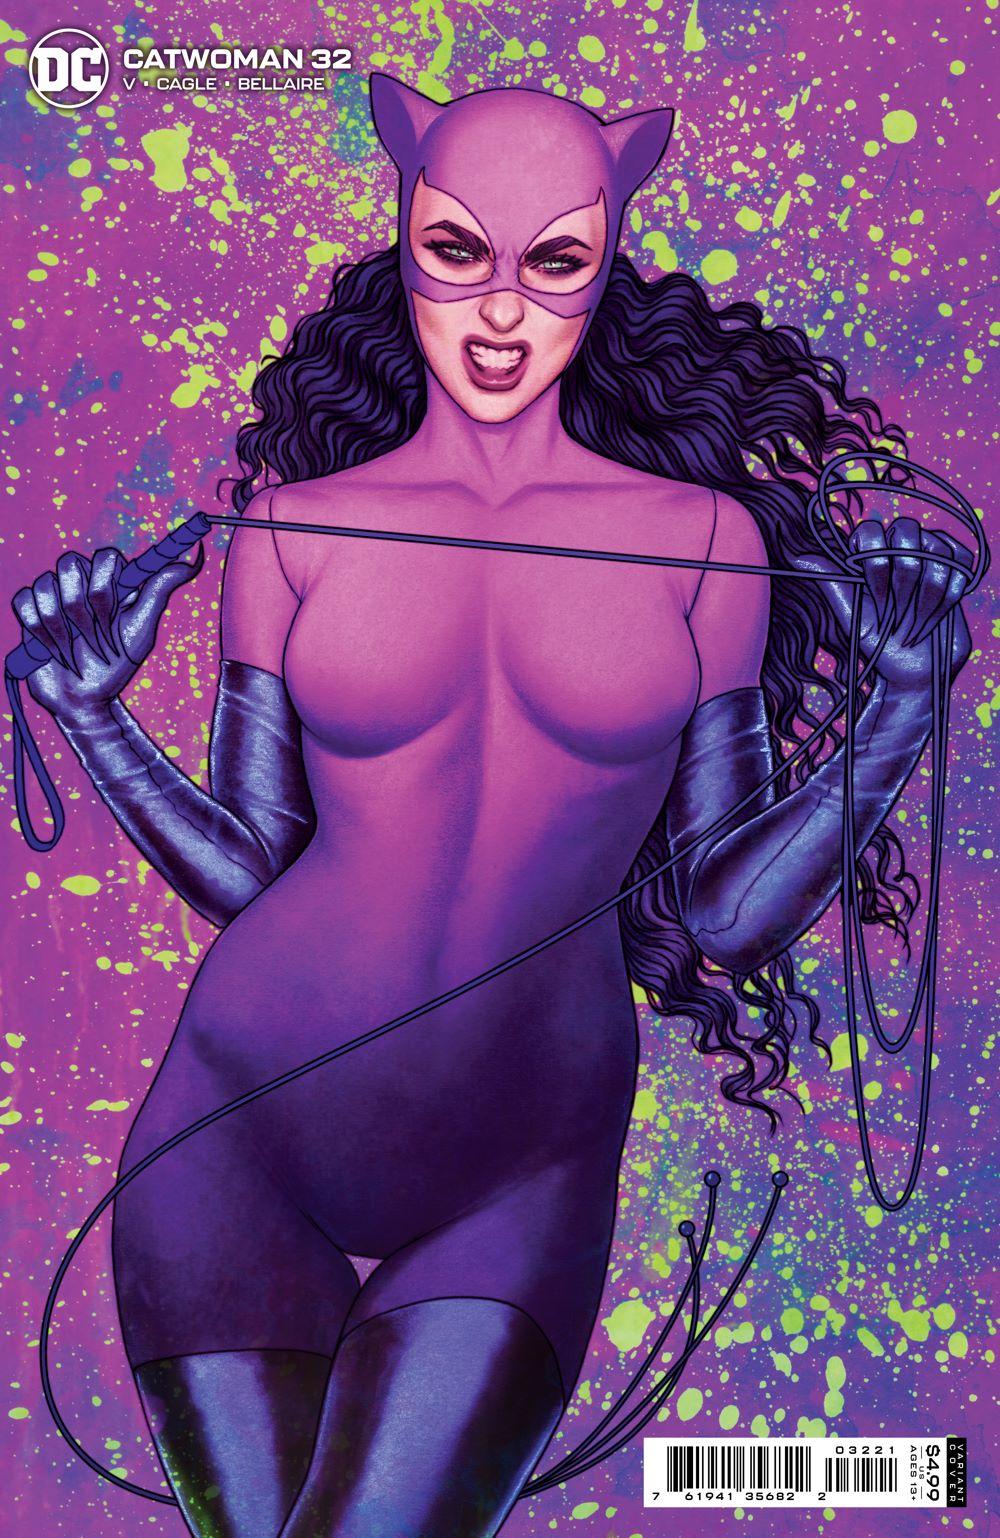 CATWOMAN_Cv32_var DC Comics June 2021 Solicitations